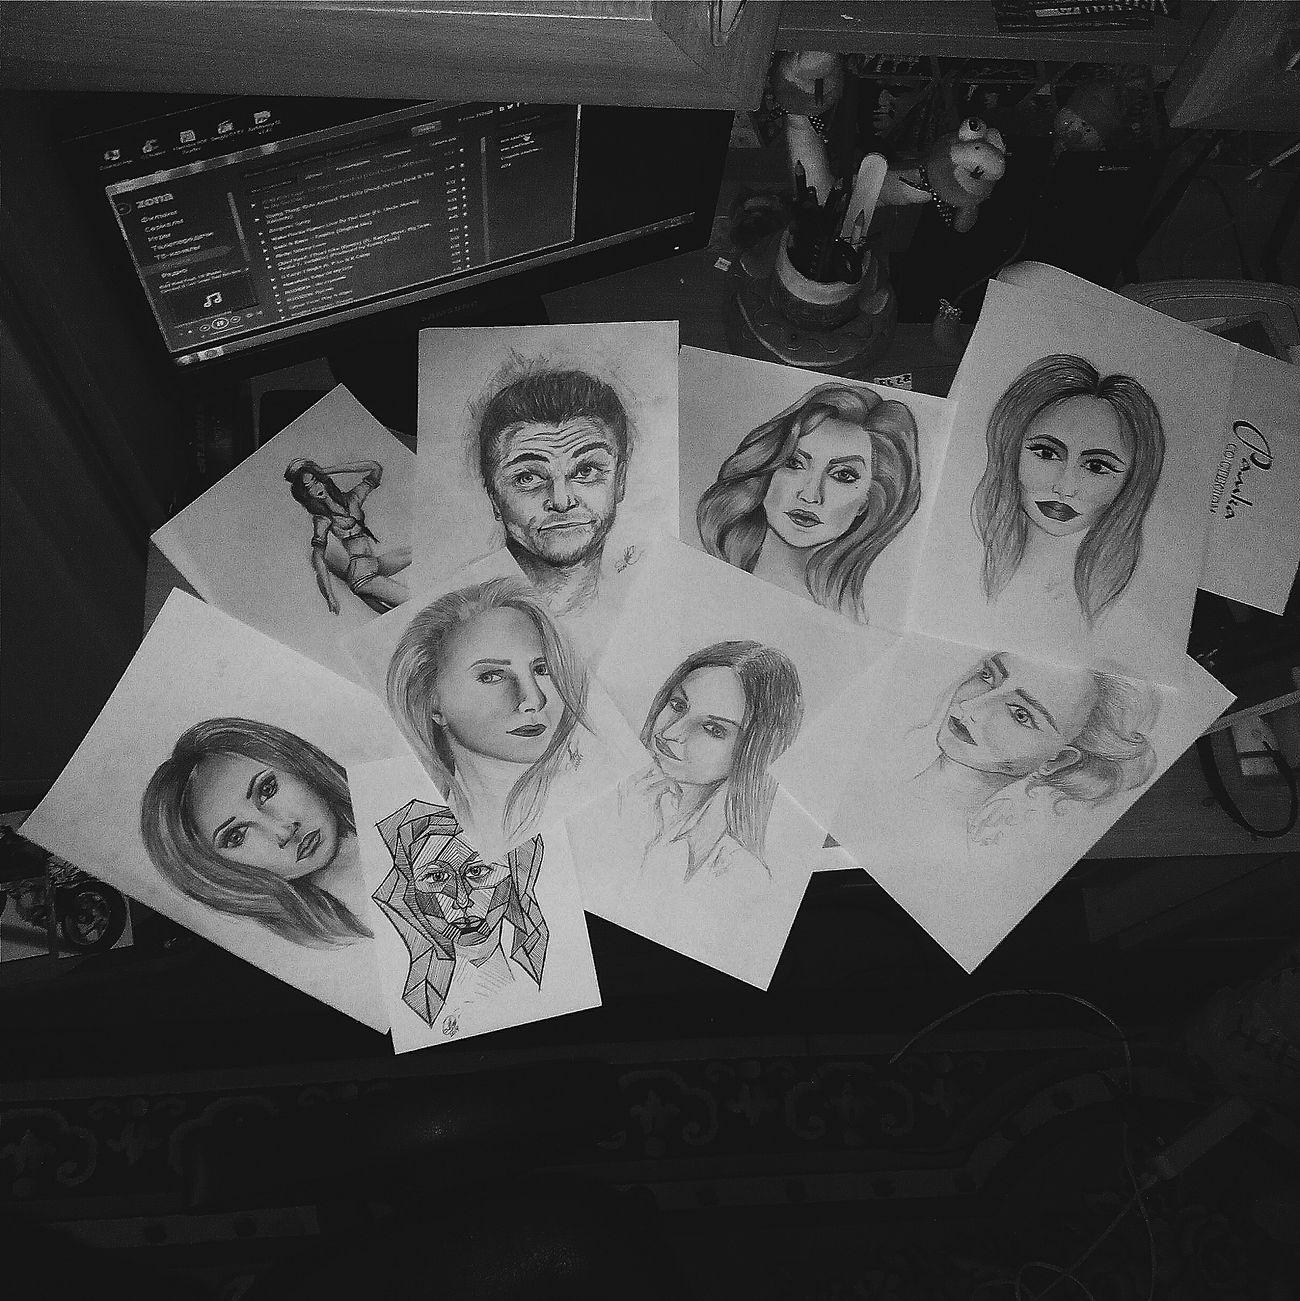 То,что успокаивает меня. То, что я могу делать хорошо. То,что я люблю. Я люблю рисовать, это бесспорно. Artist ArtWork Relaxing Hobbies Love Portrait Black & White